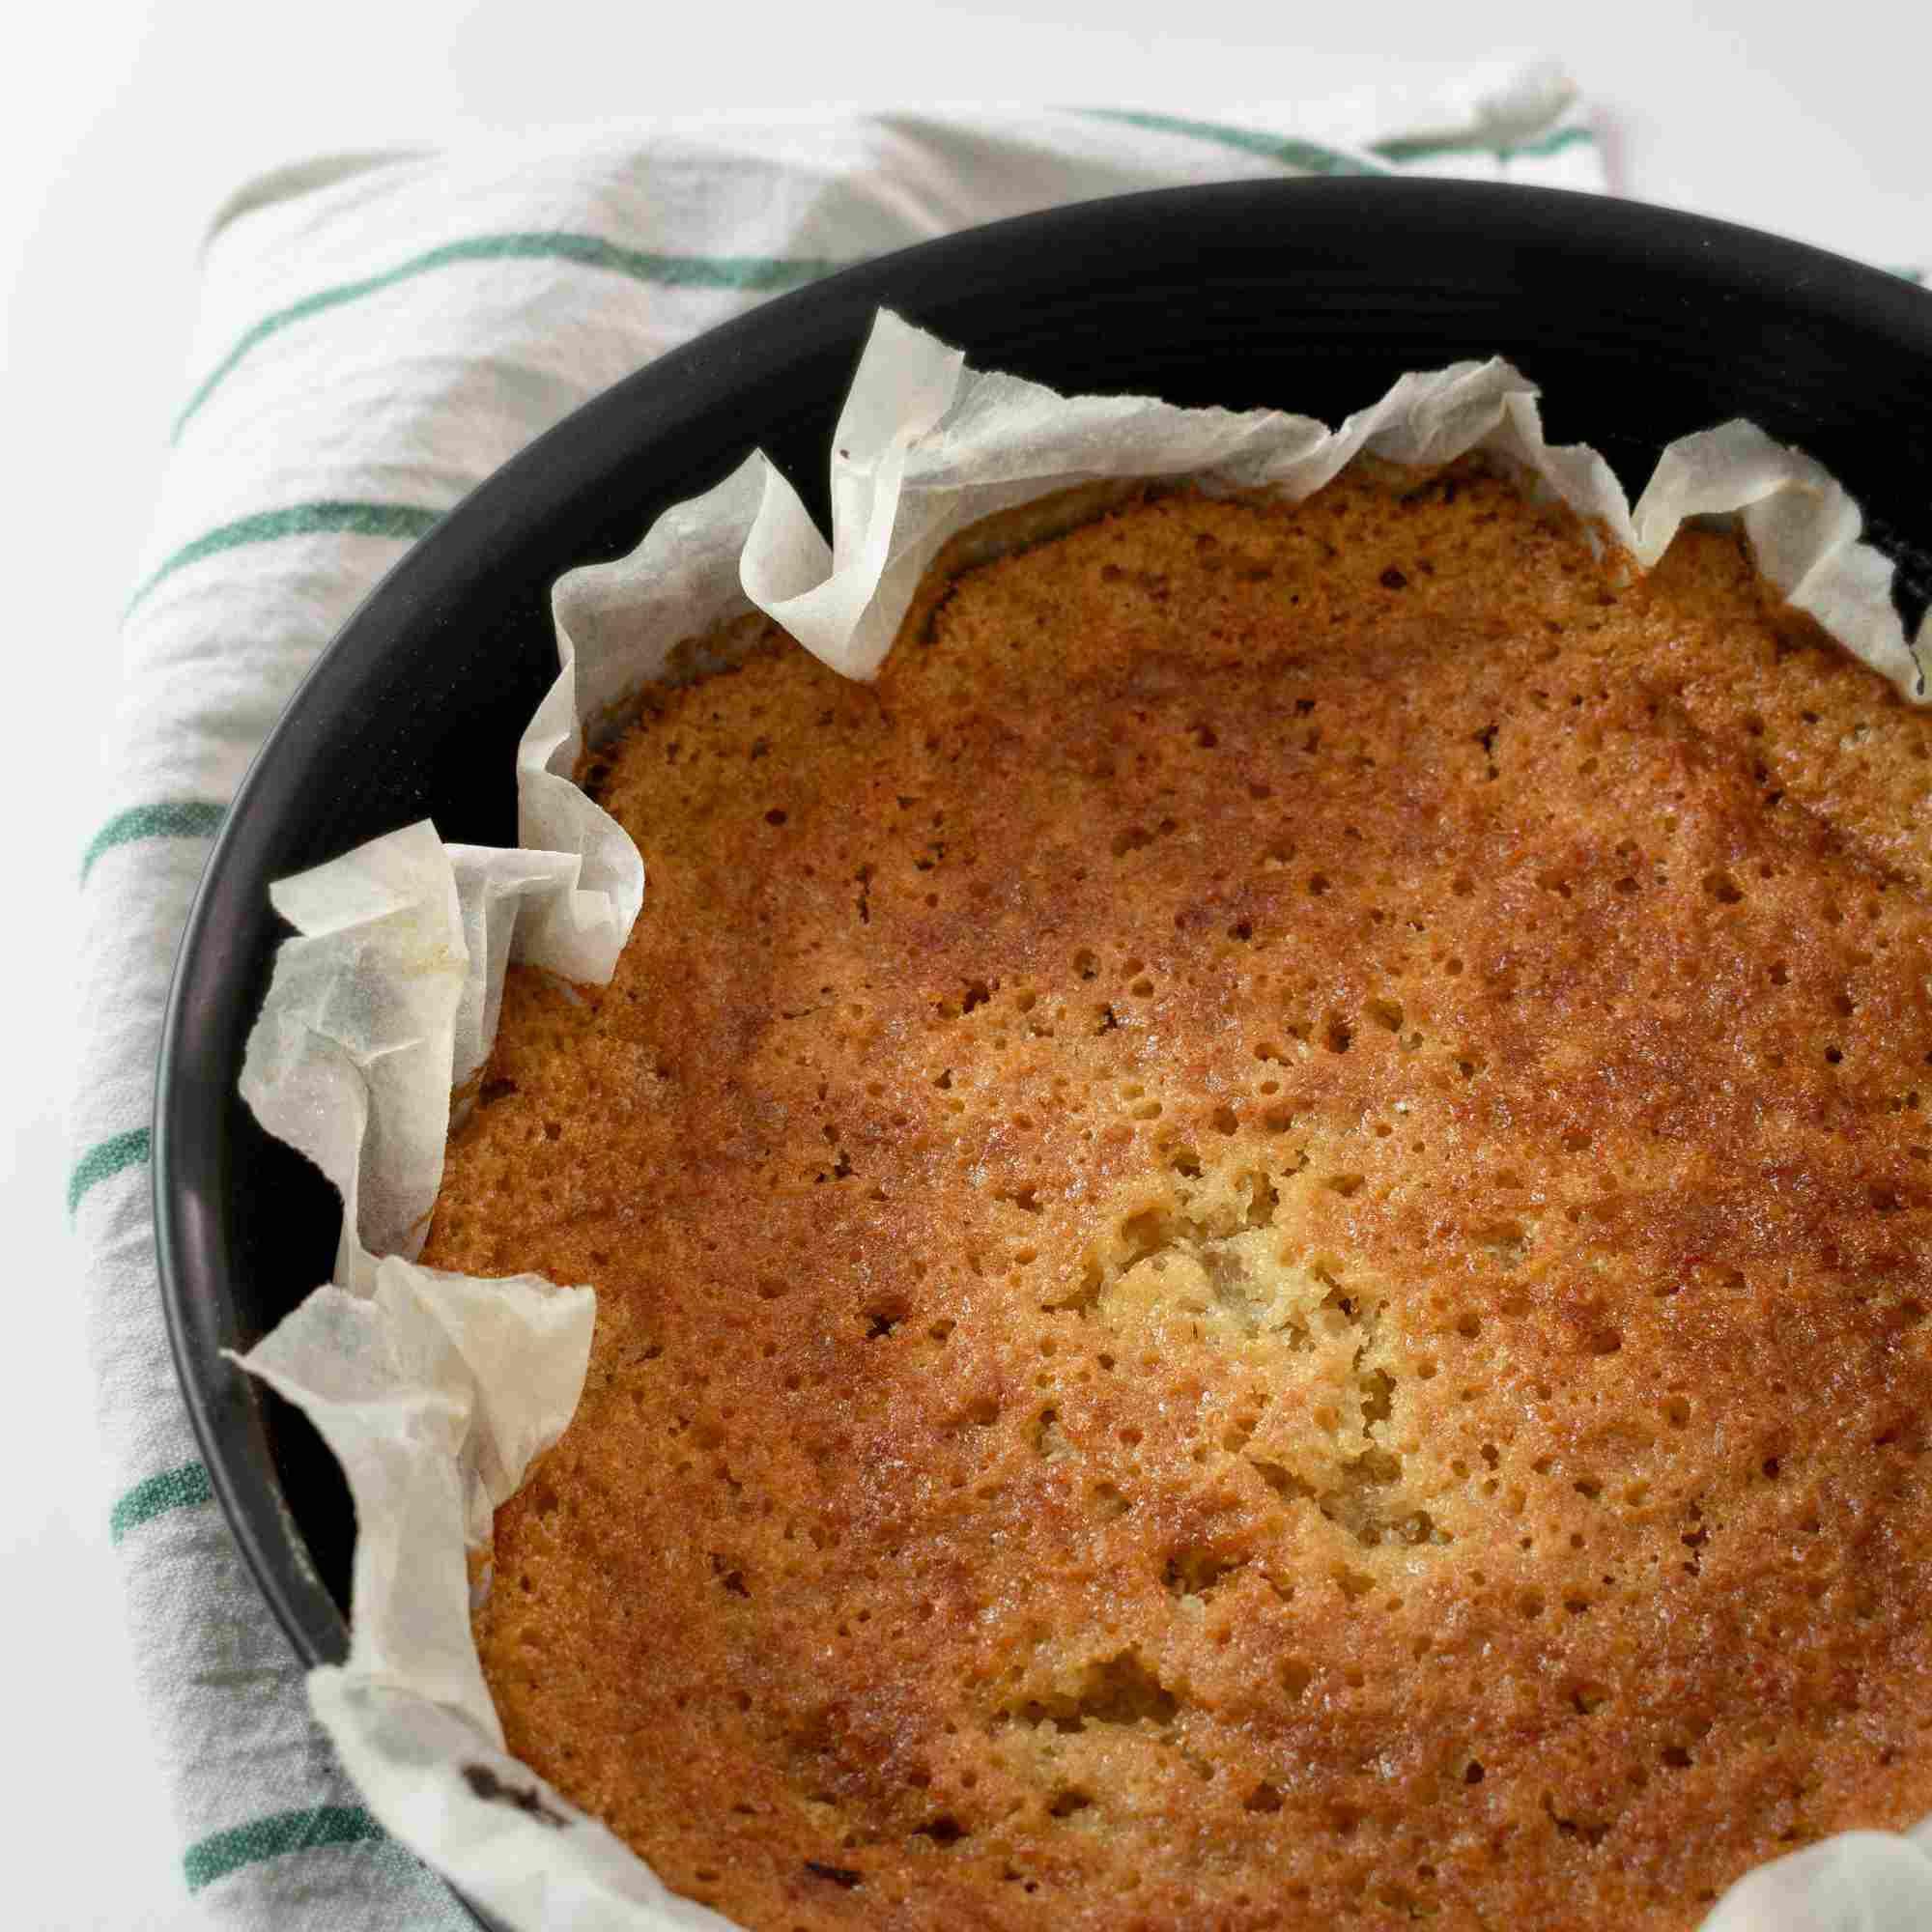 Basic Vegan White Cake Recipe